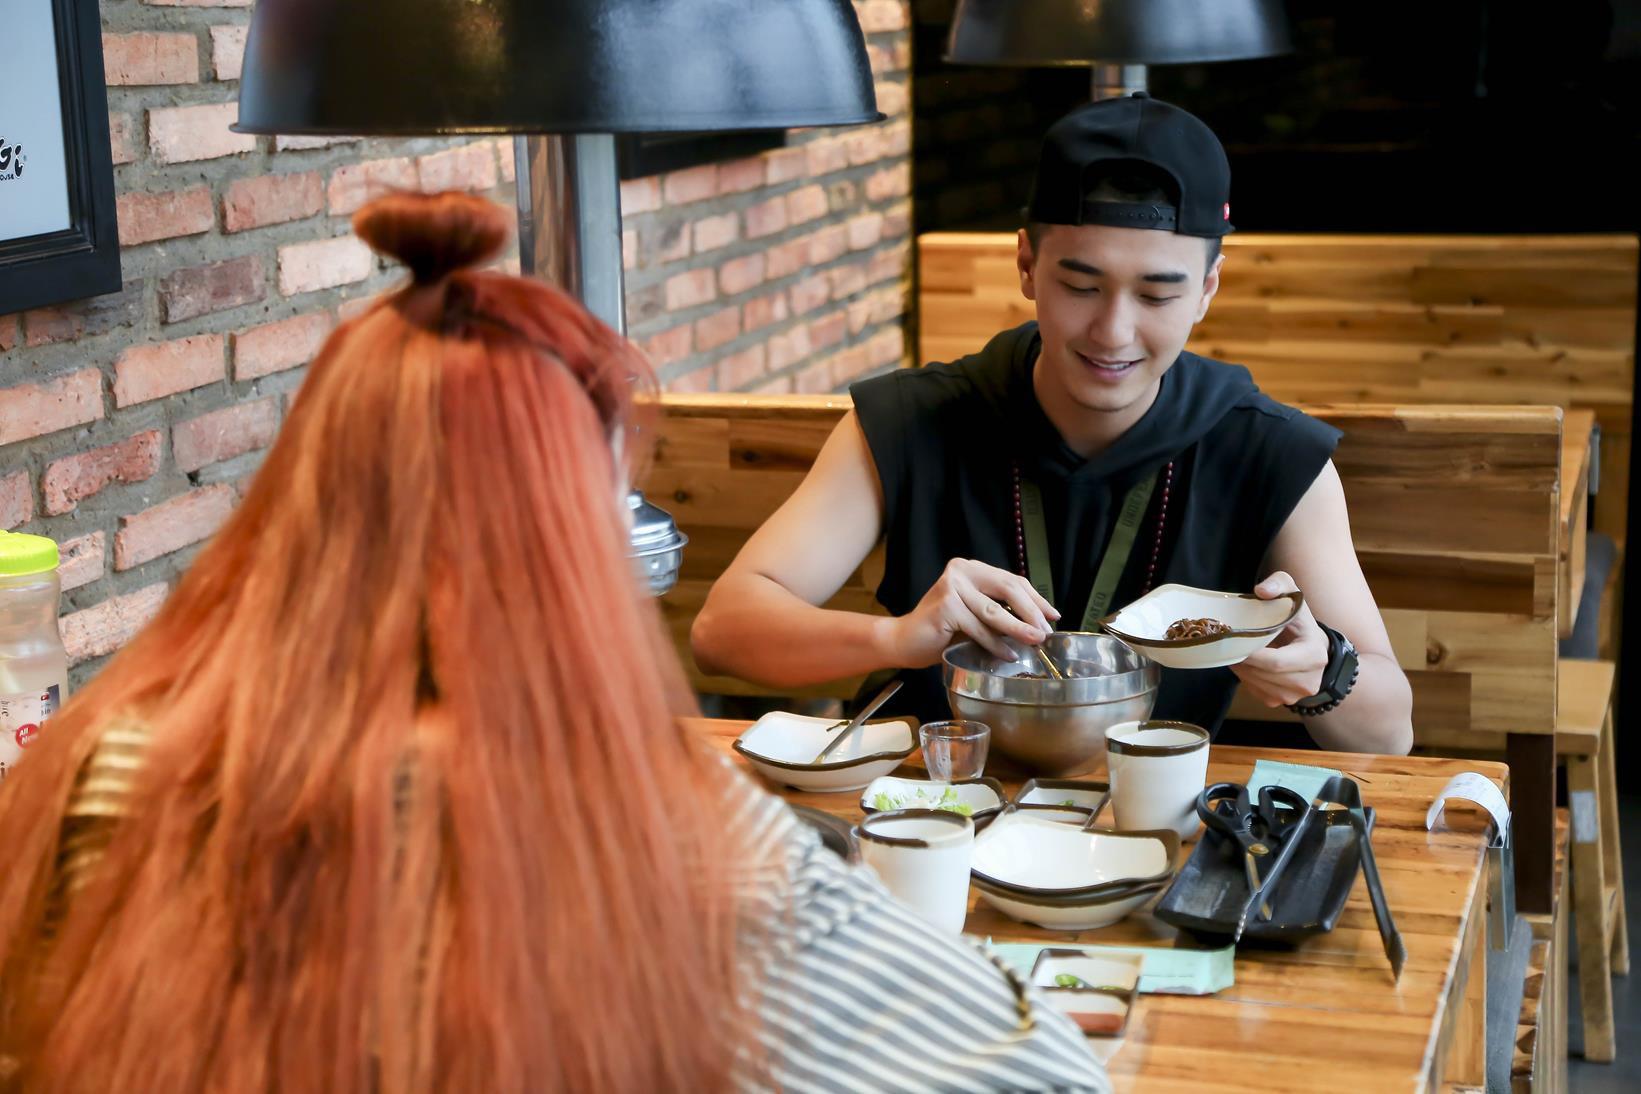 Vừa mới công khai bạn gái, Huỳnh Anh đã vui vẻ đi ăn với người đẹp khác - Ảnh 4.